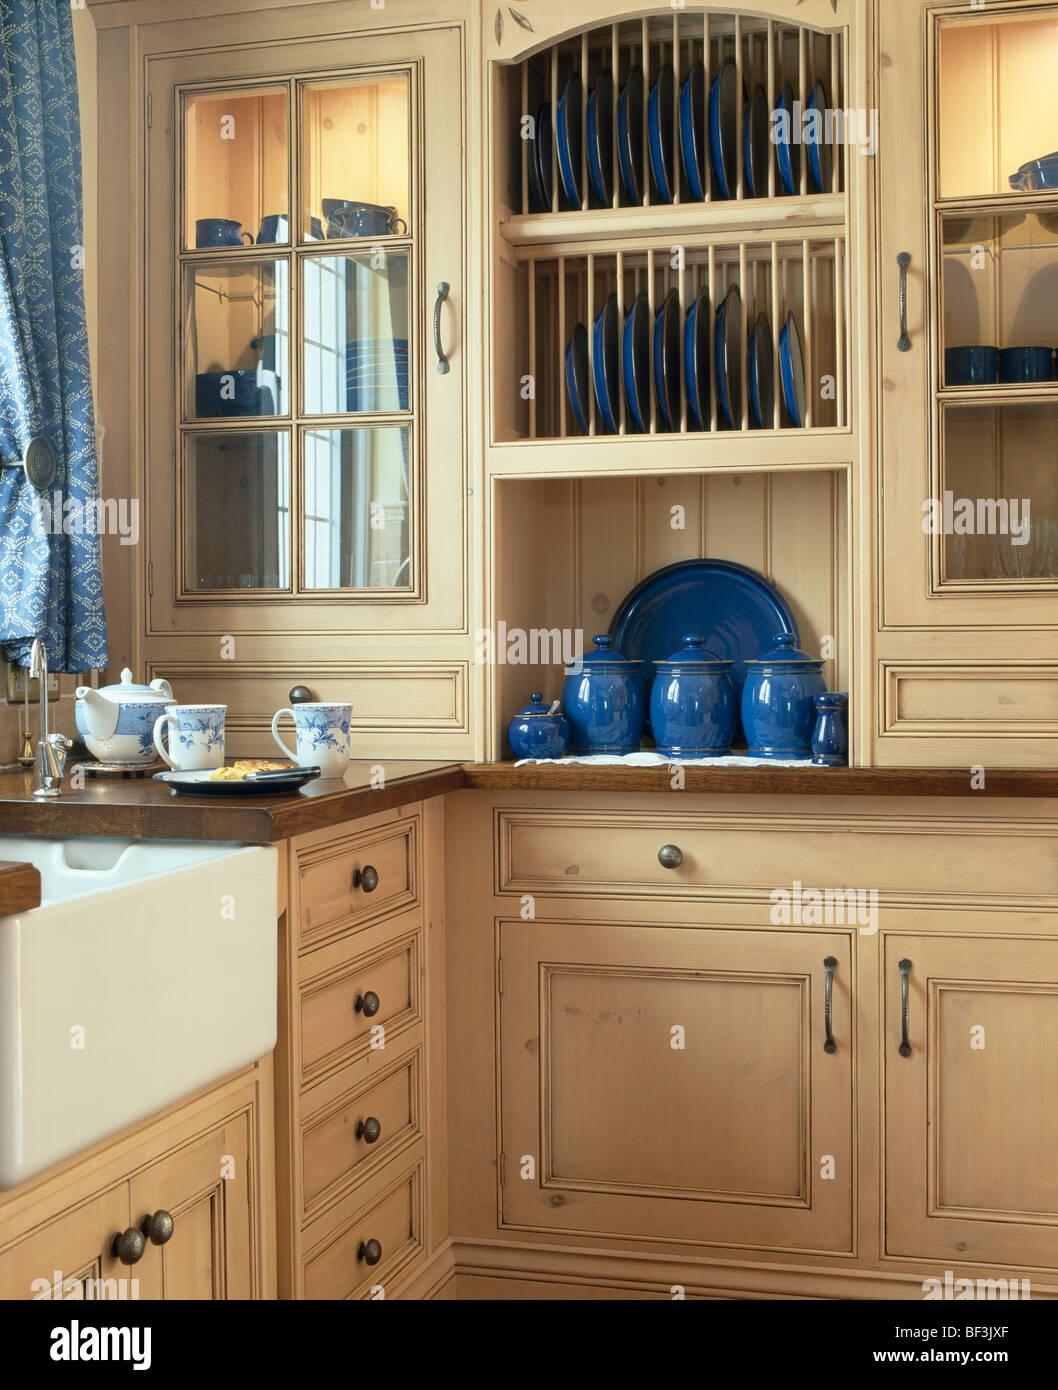 Tellerhalter in kleine Küche mit hellen Holz Wandschränke mit ...